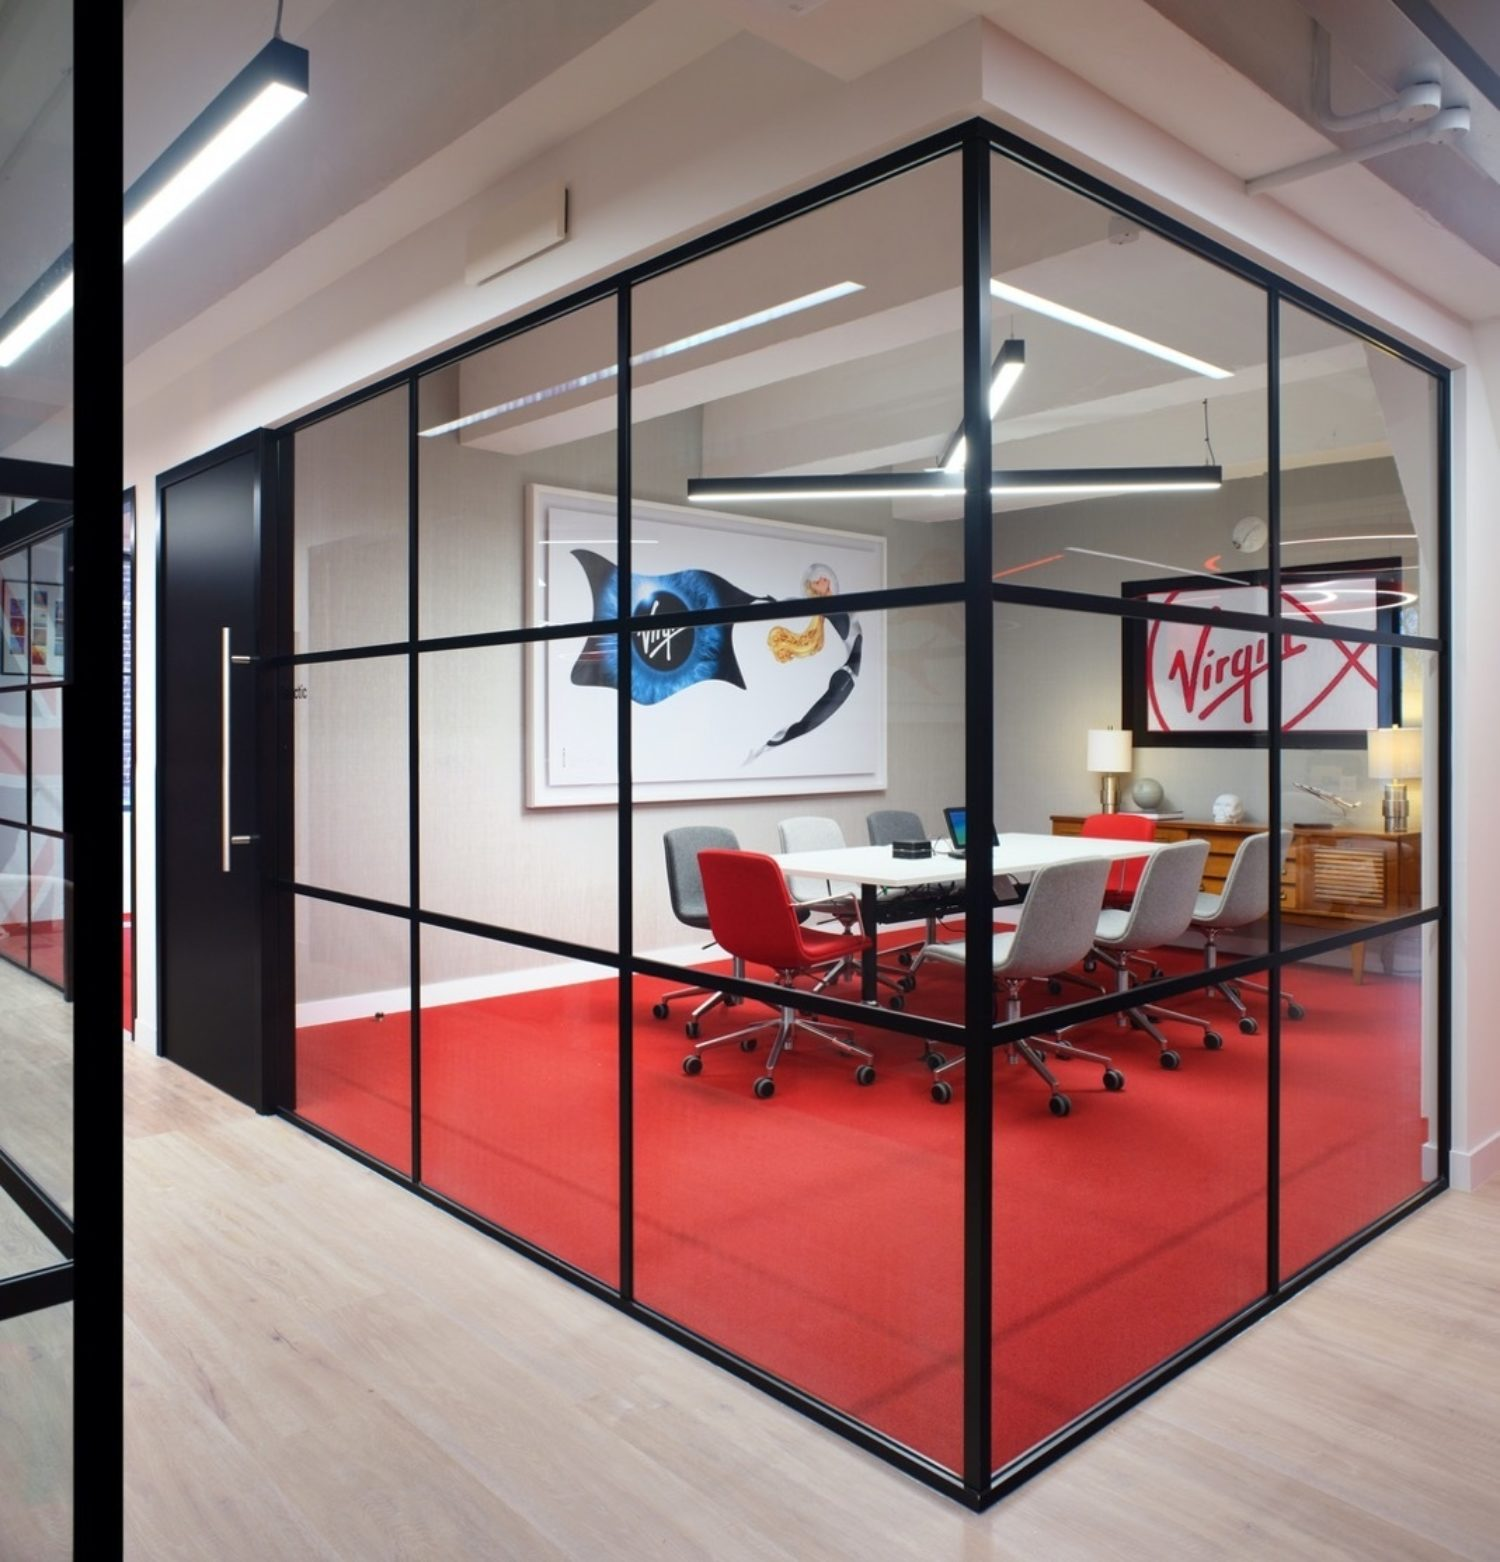 Virgin Red meeting space design